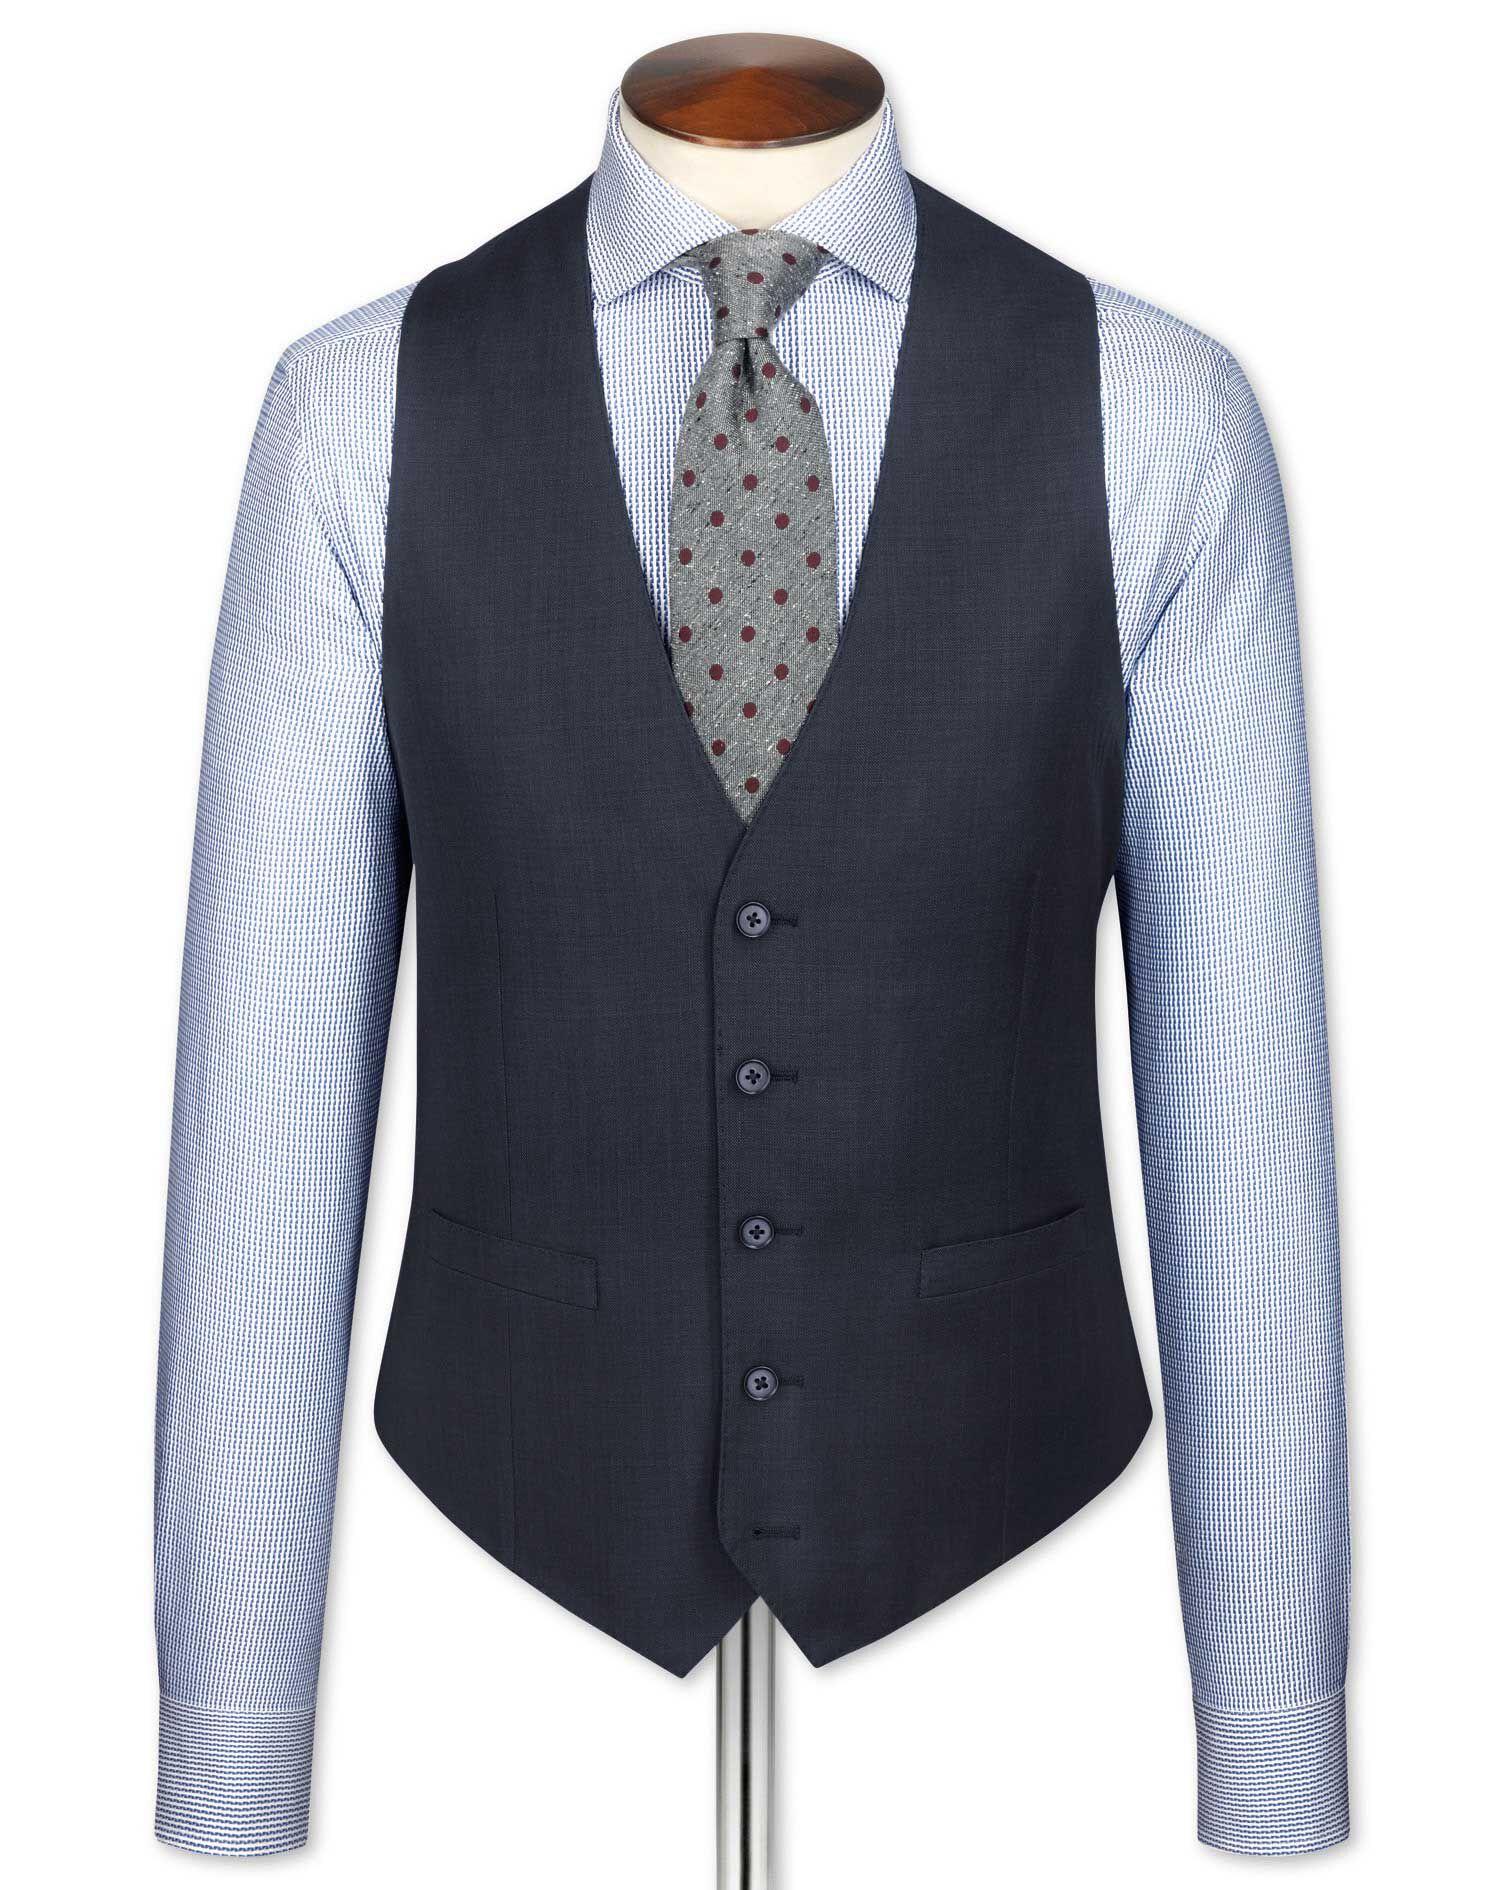 Blue Sharkskin Travel Suit Wool Waistcoat Size w38 by Charles Tyrwhitt